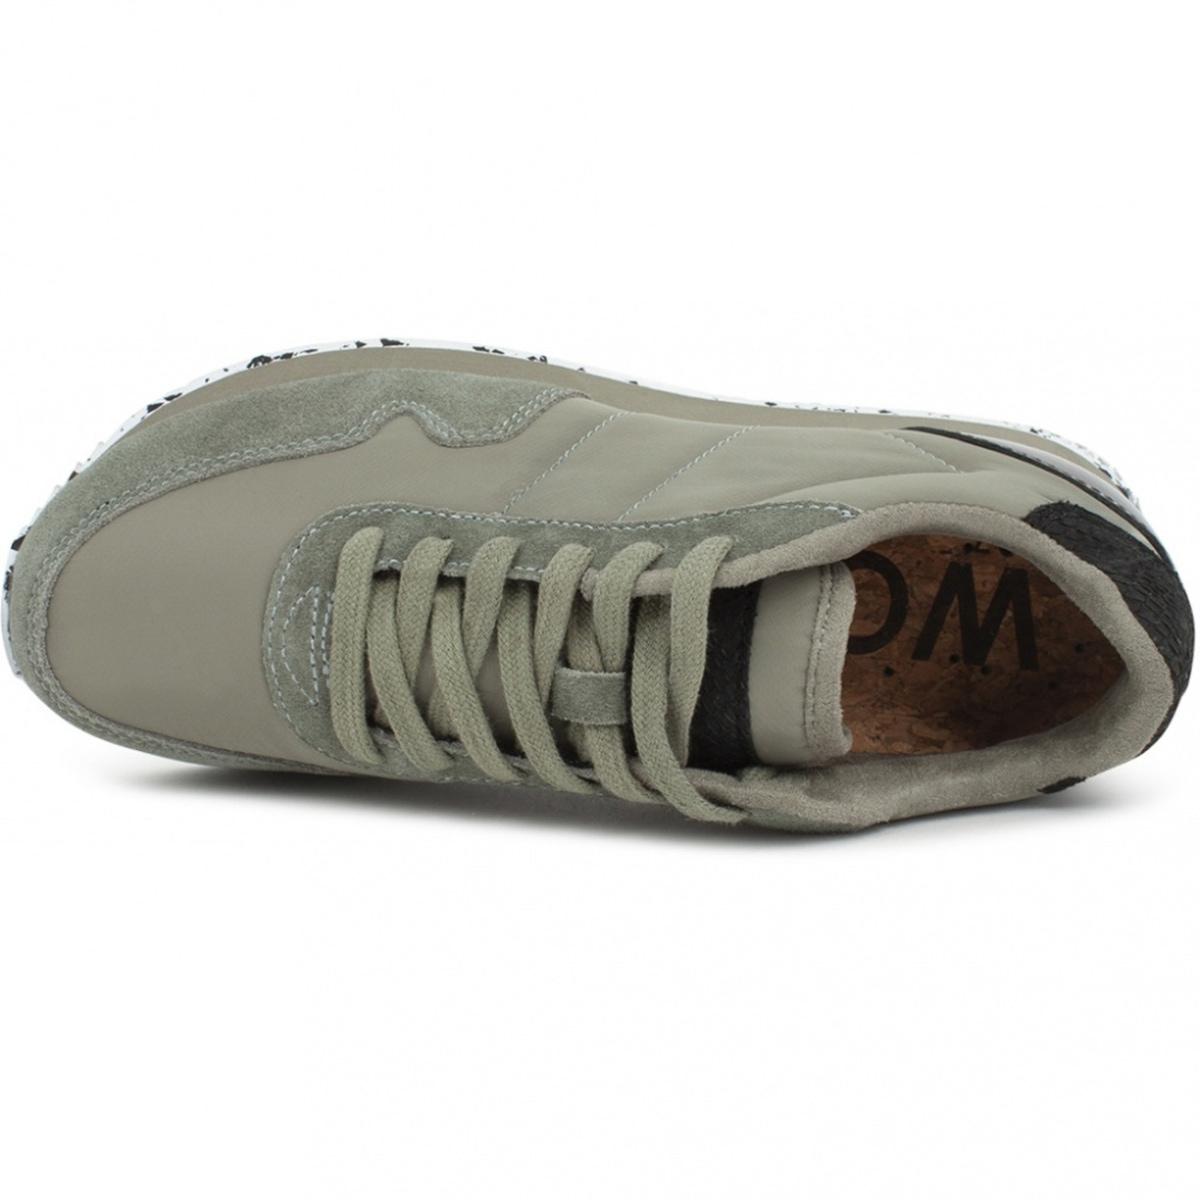 NORA III Vertiver woden sneakers WL163